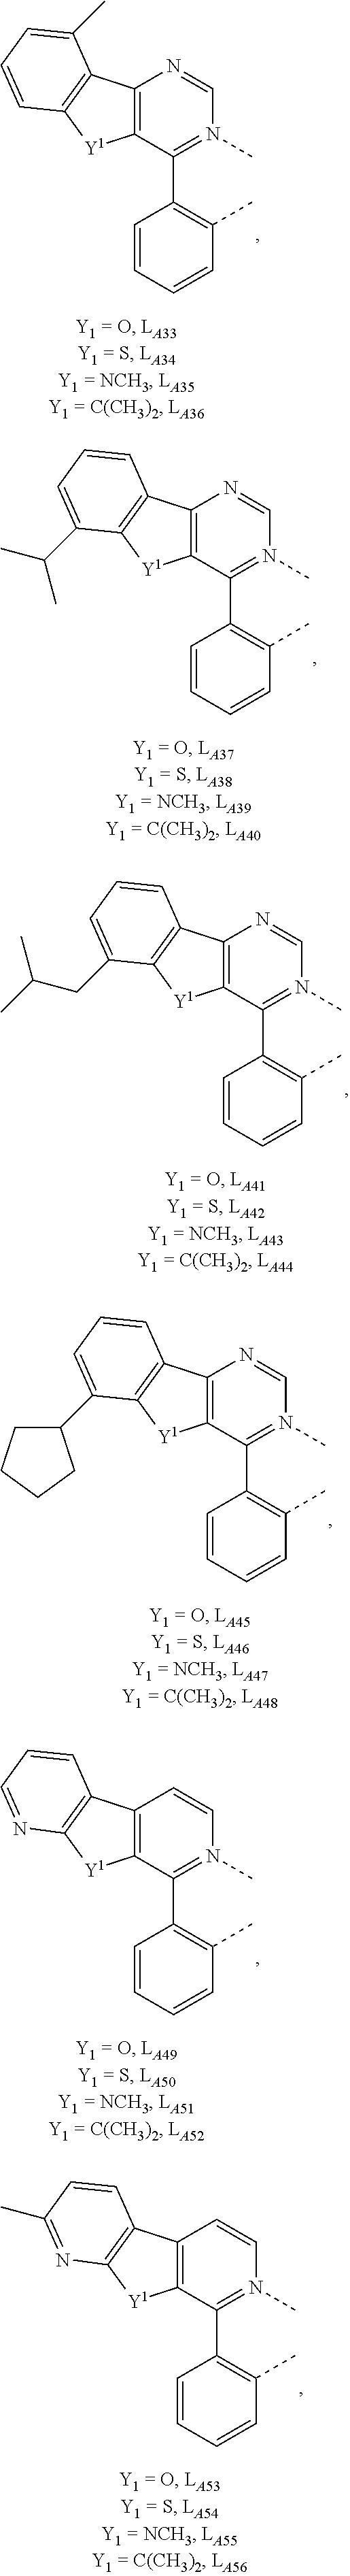 Figure US09590194-20170307-C00016